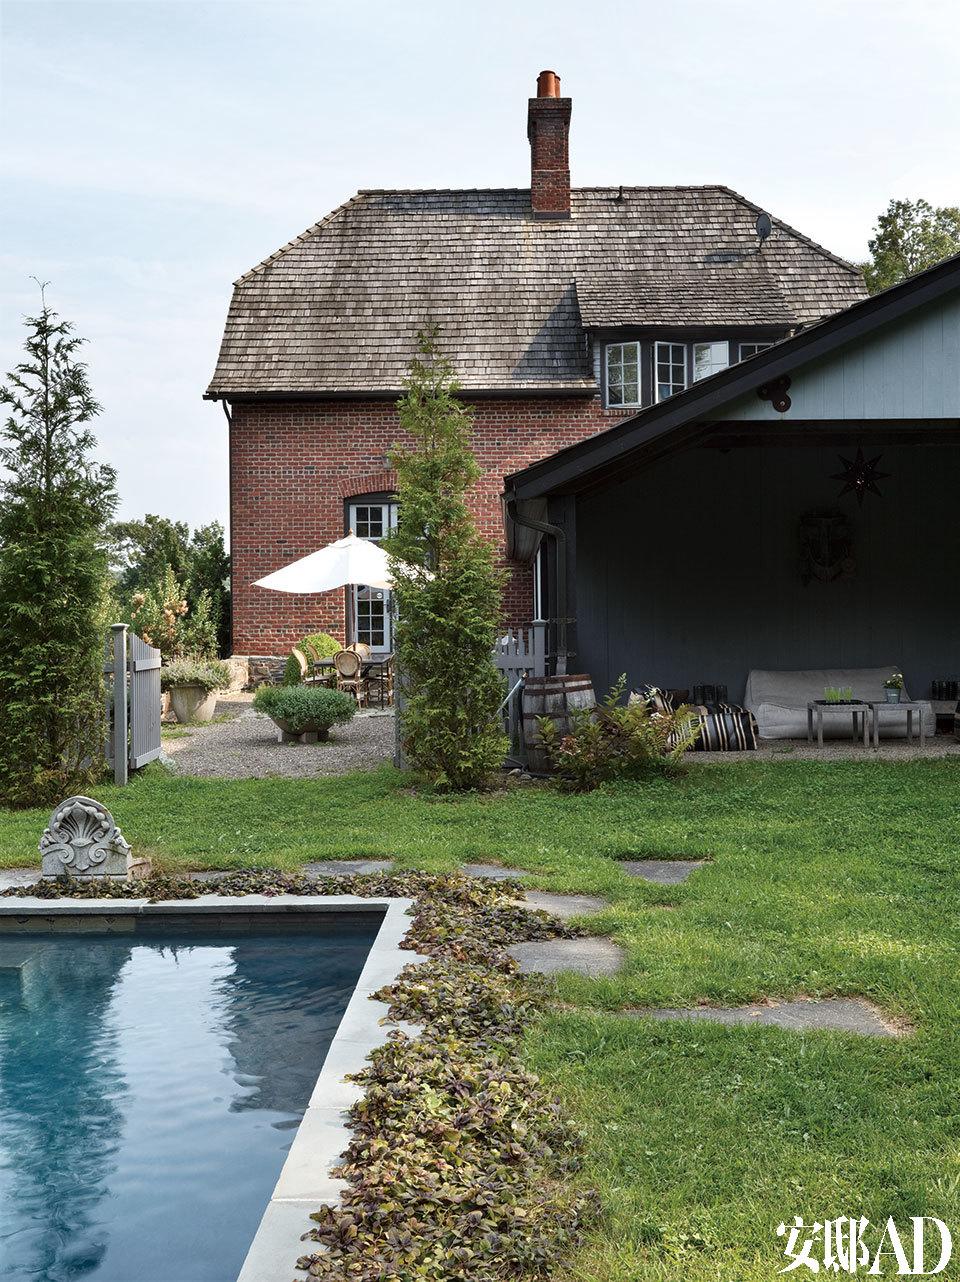 庭院由夫妇俩共同设计,概念就是尽可能地保留野花和原生植物,至此打理花园成了谷文达的爱好之一。